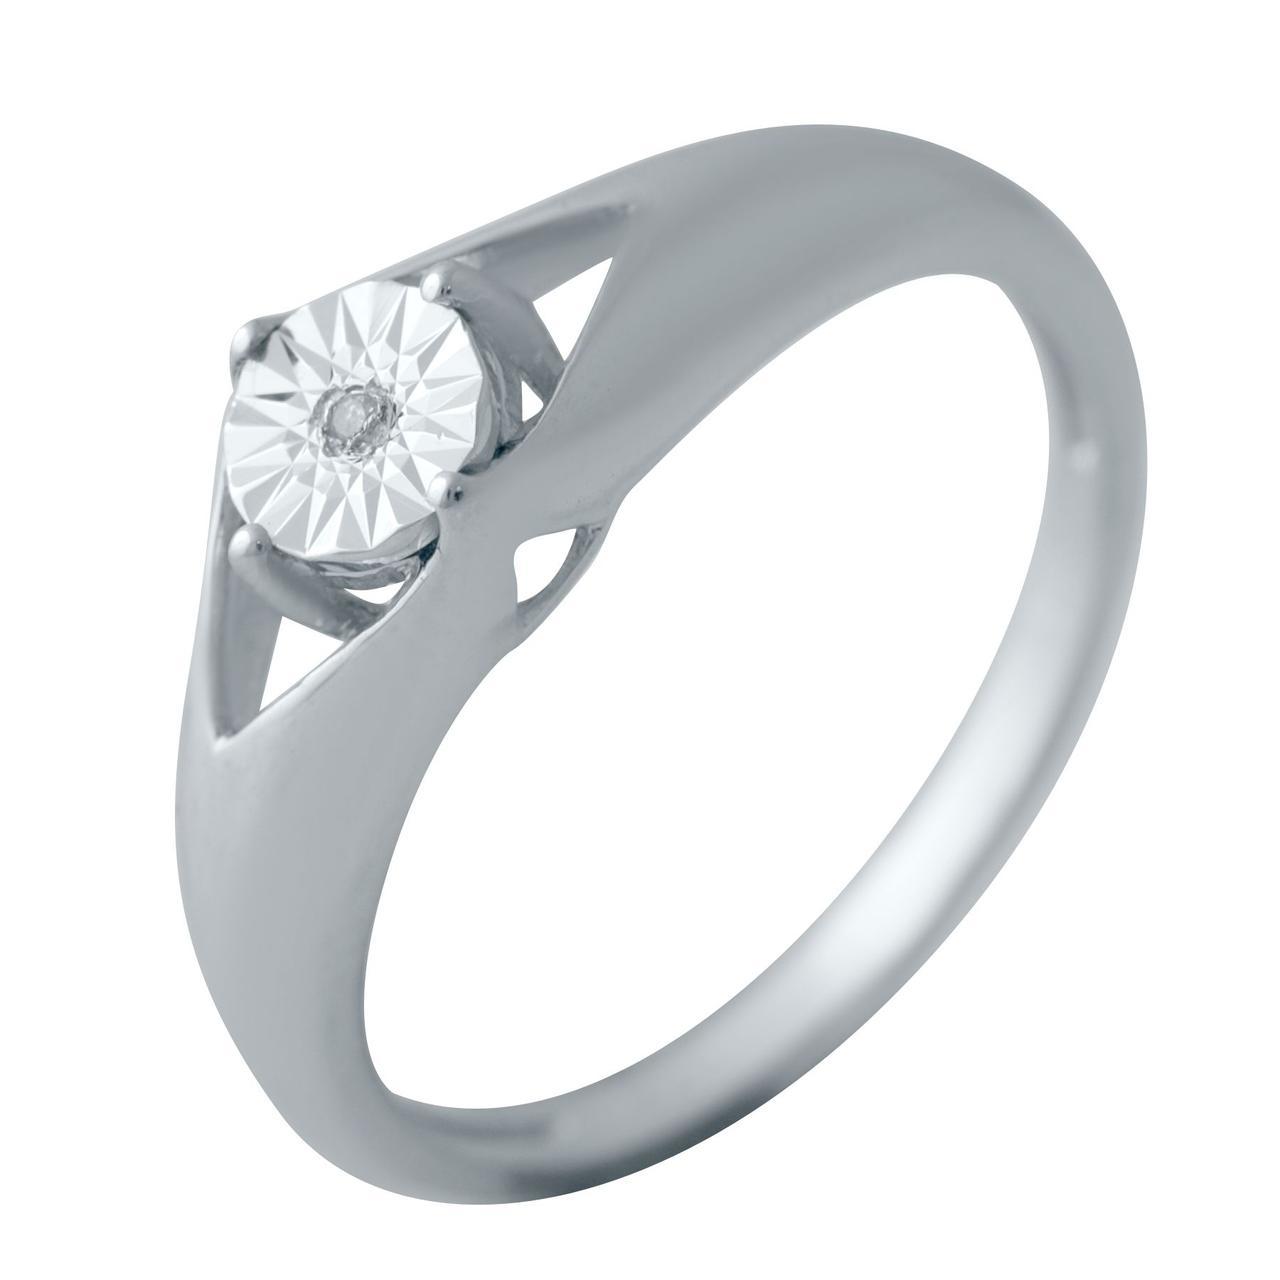 Серебряное кольцо DreamJewelry с натуральными бриллиантом 0.01ct (2043751) 18 размер